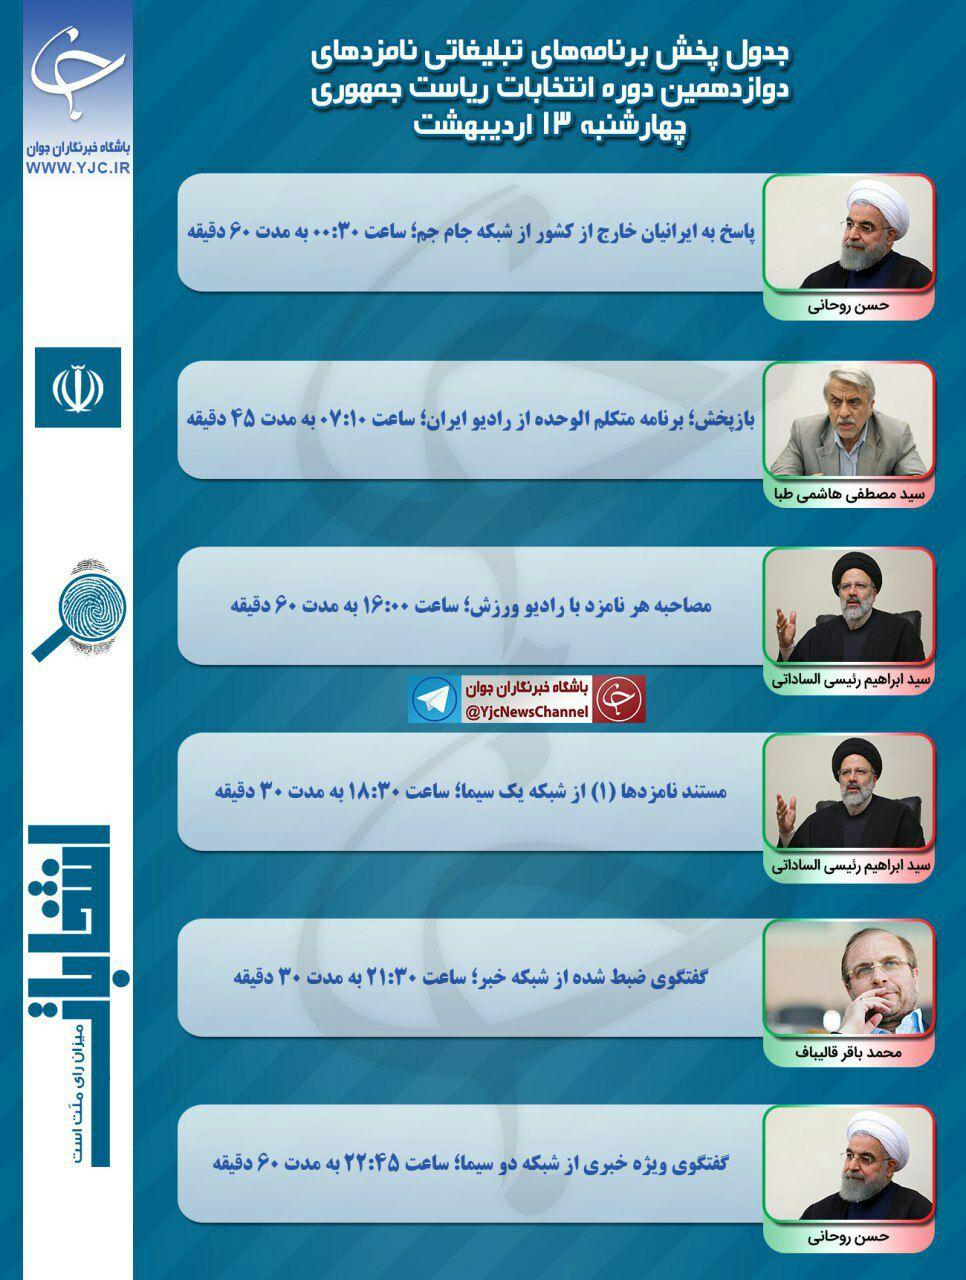 برنامه نامزدهای انتخابات ریاست جمهوری در رسانه ملی در سیزدهمین روز اردیبهشت